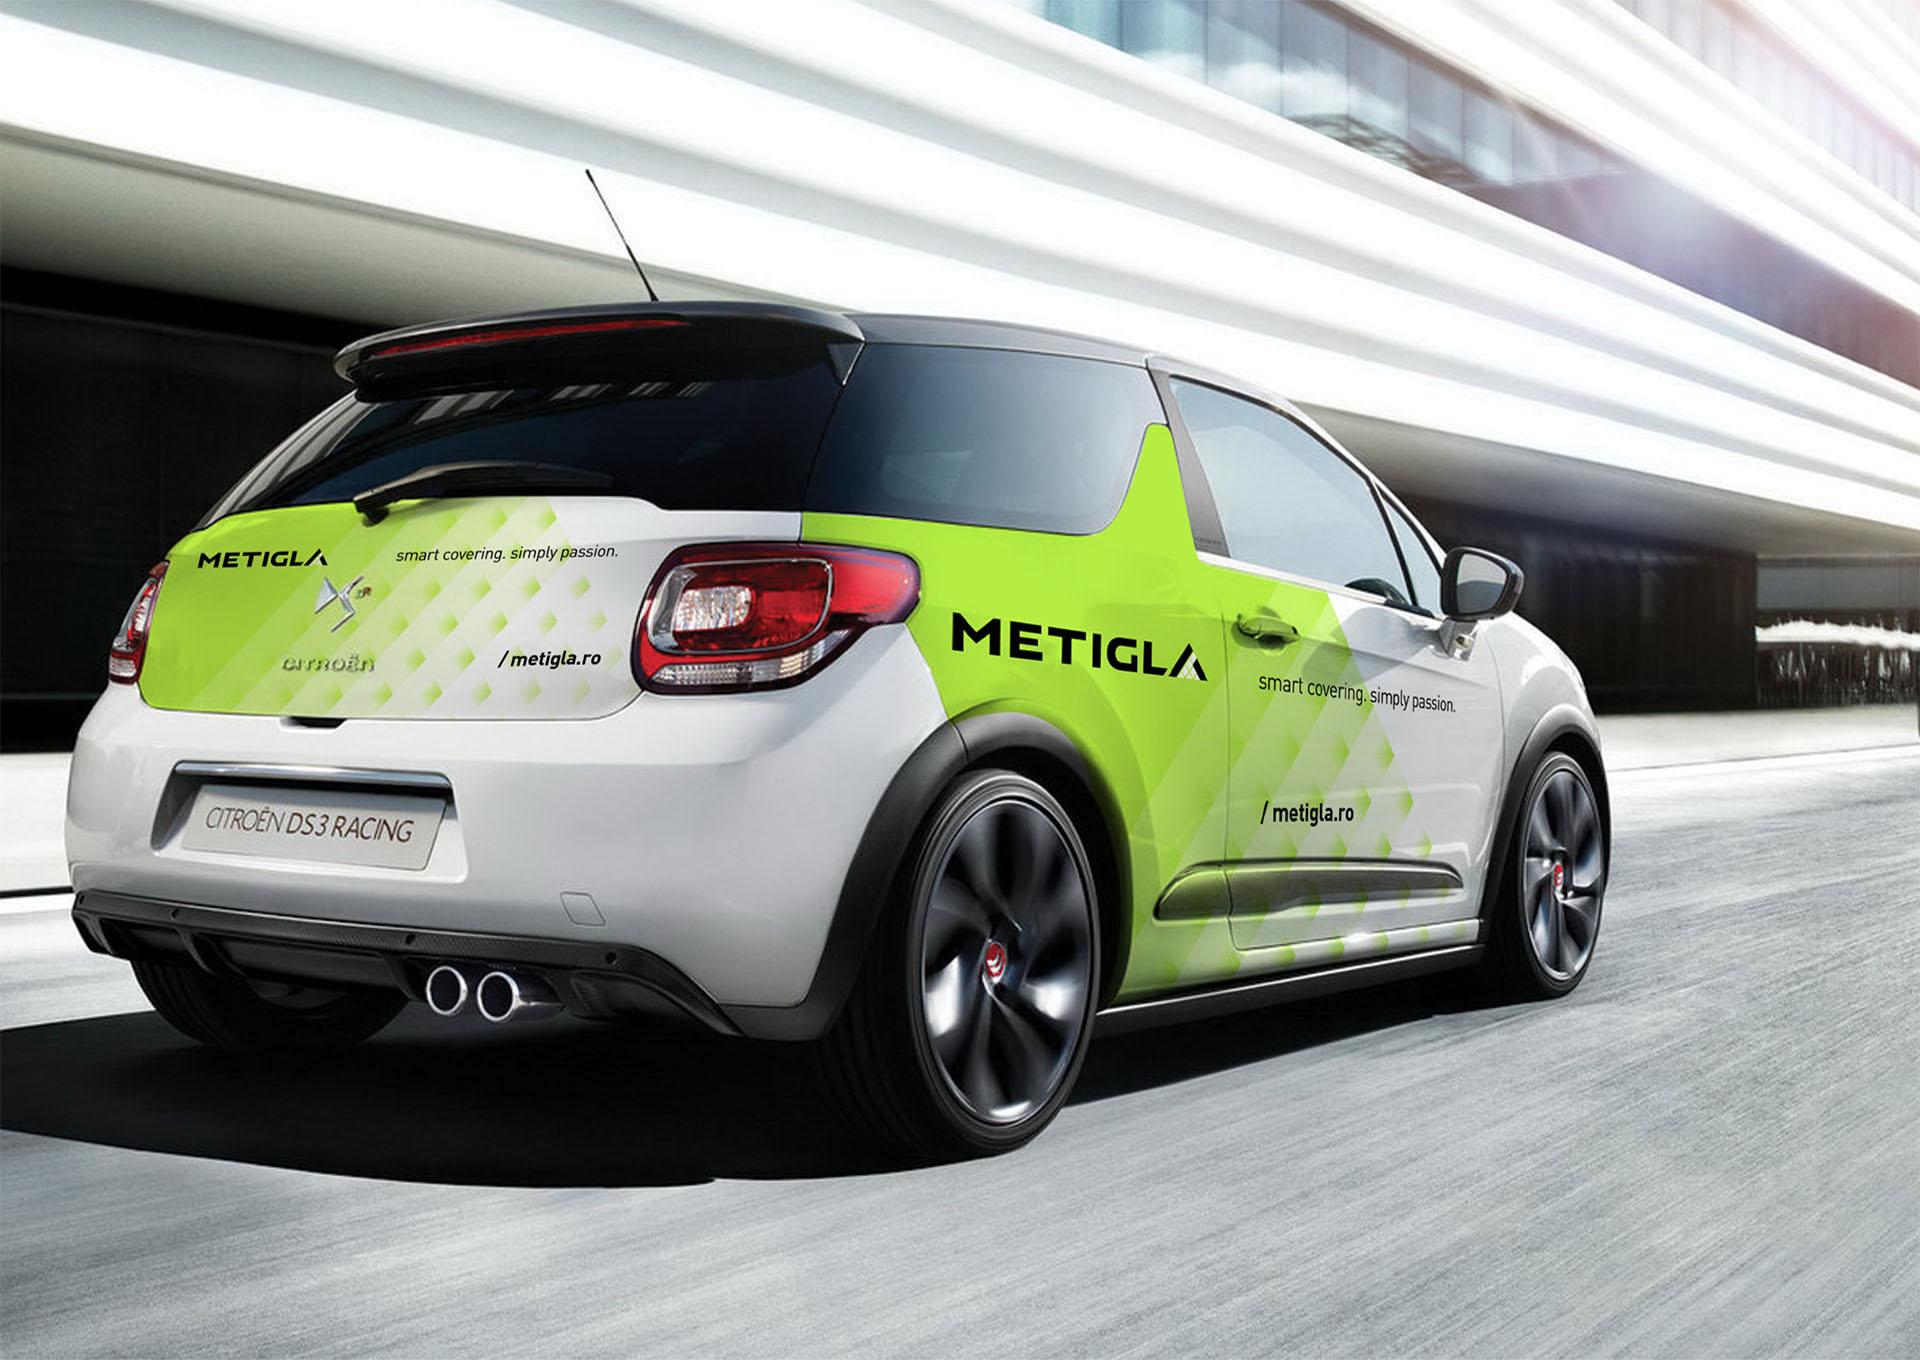 metigla branding car